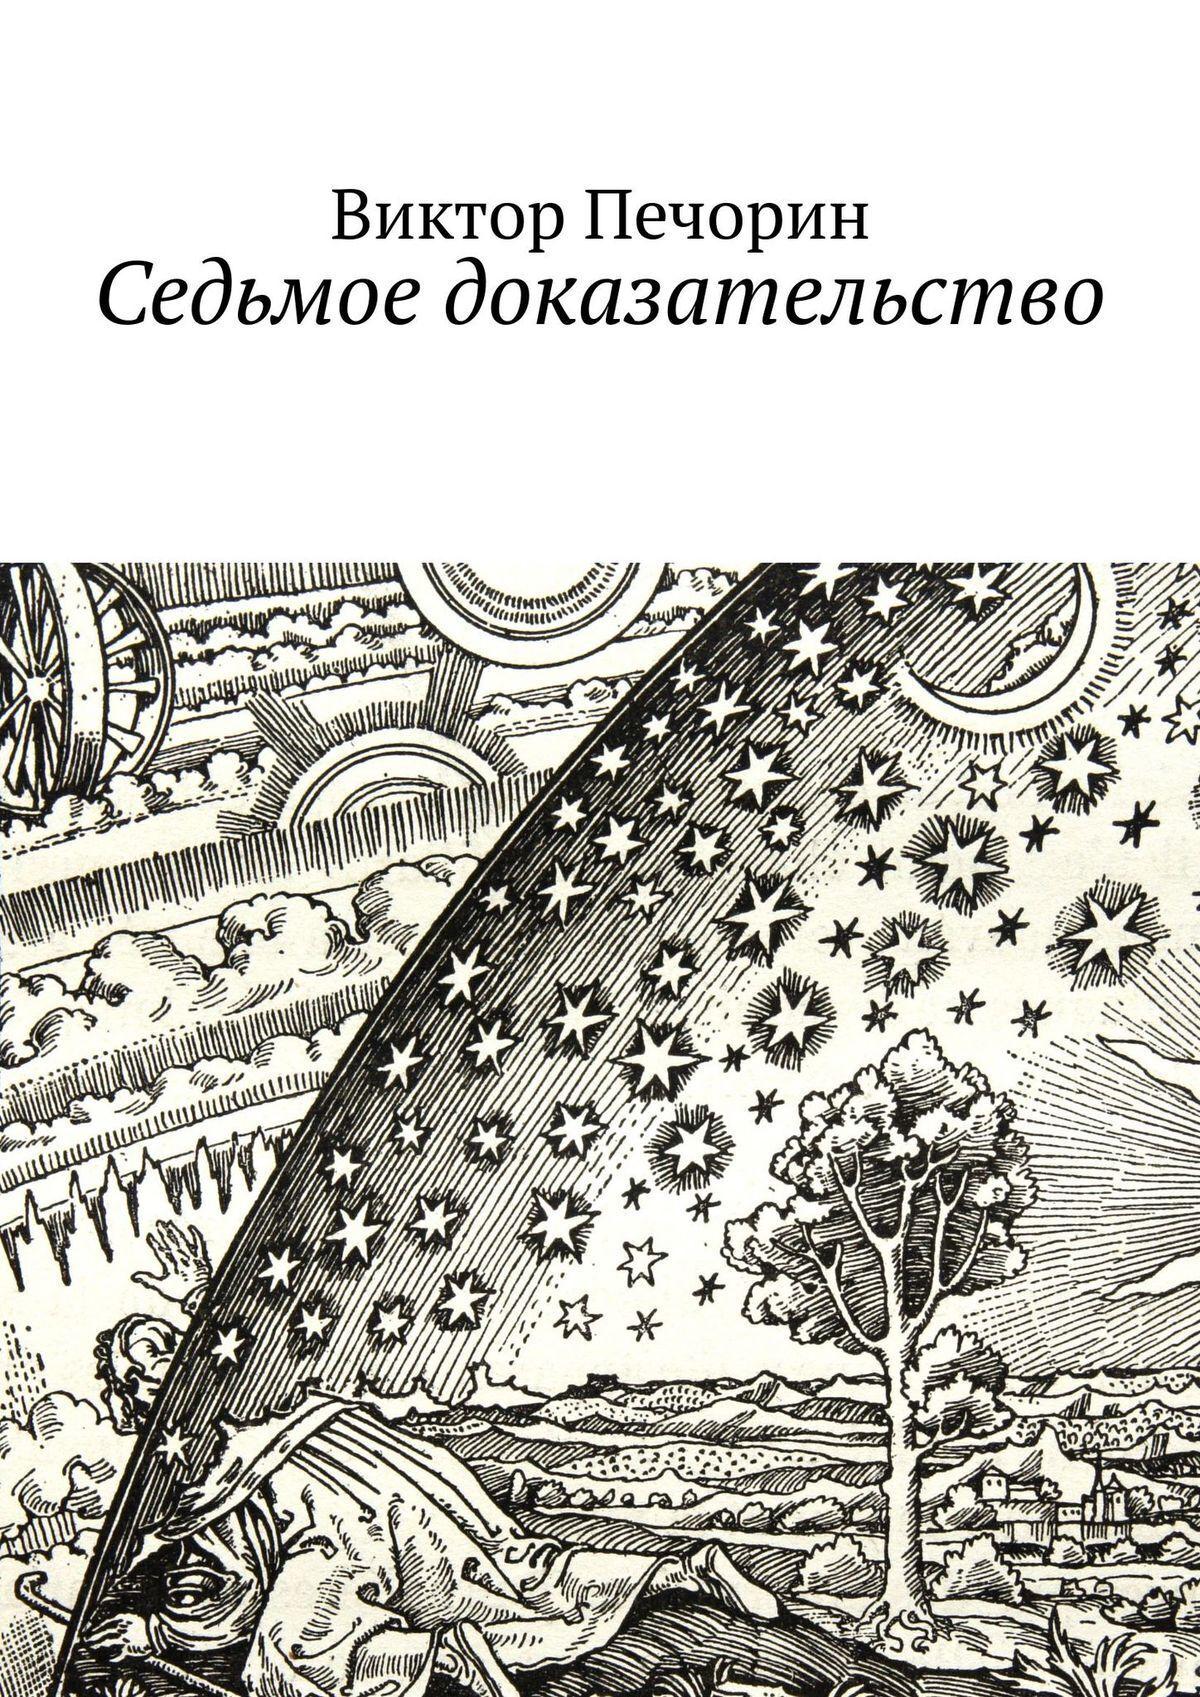 Виктор Печорин Седьмое доказательство